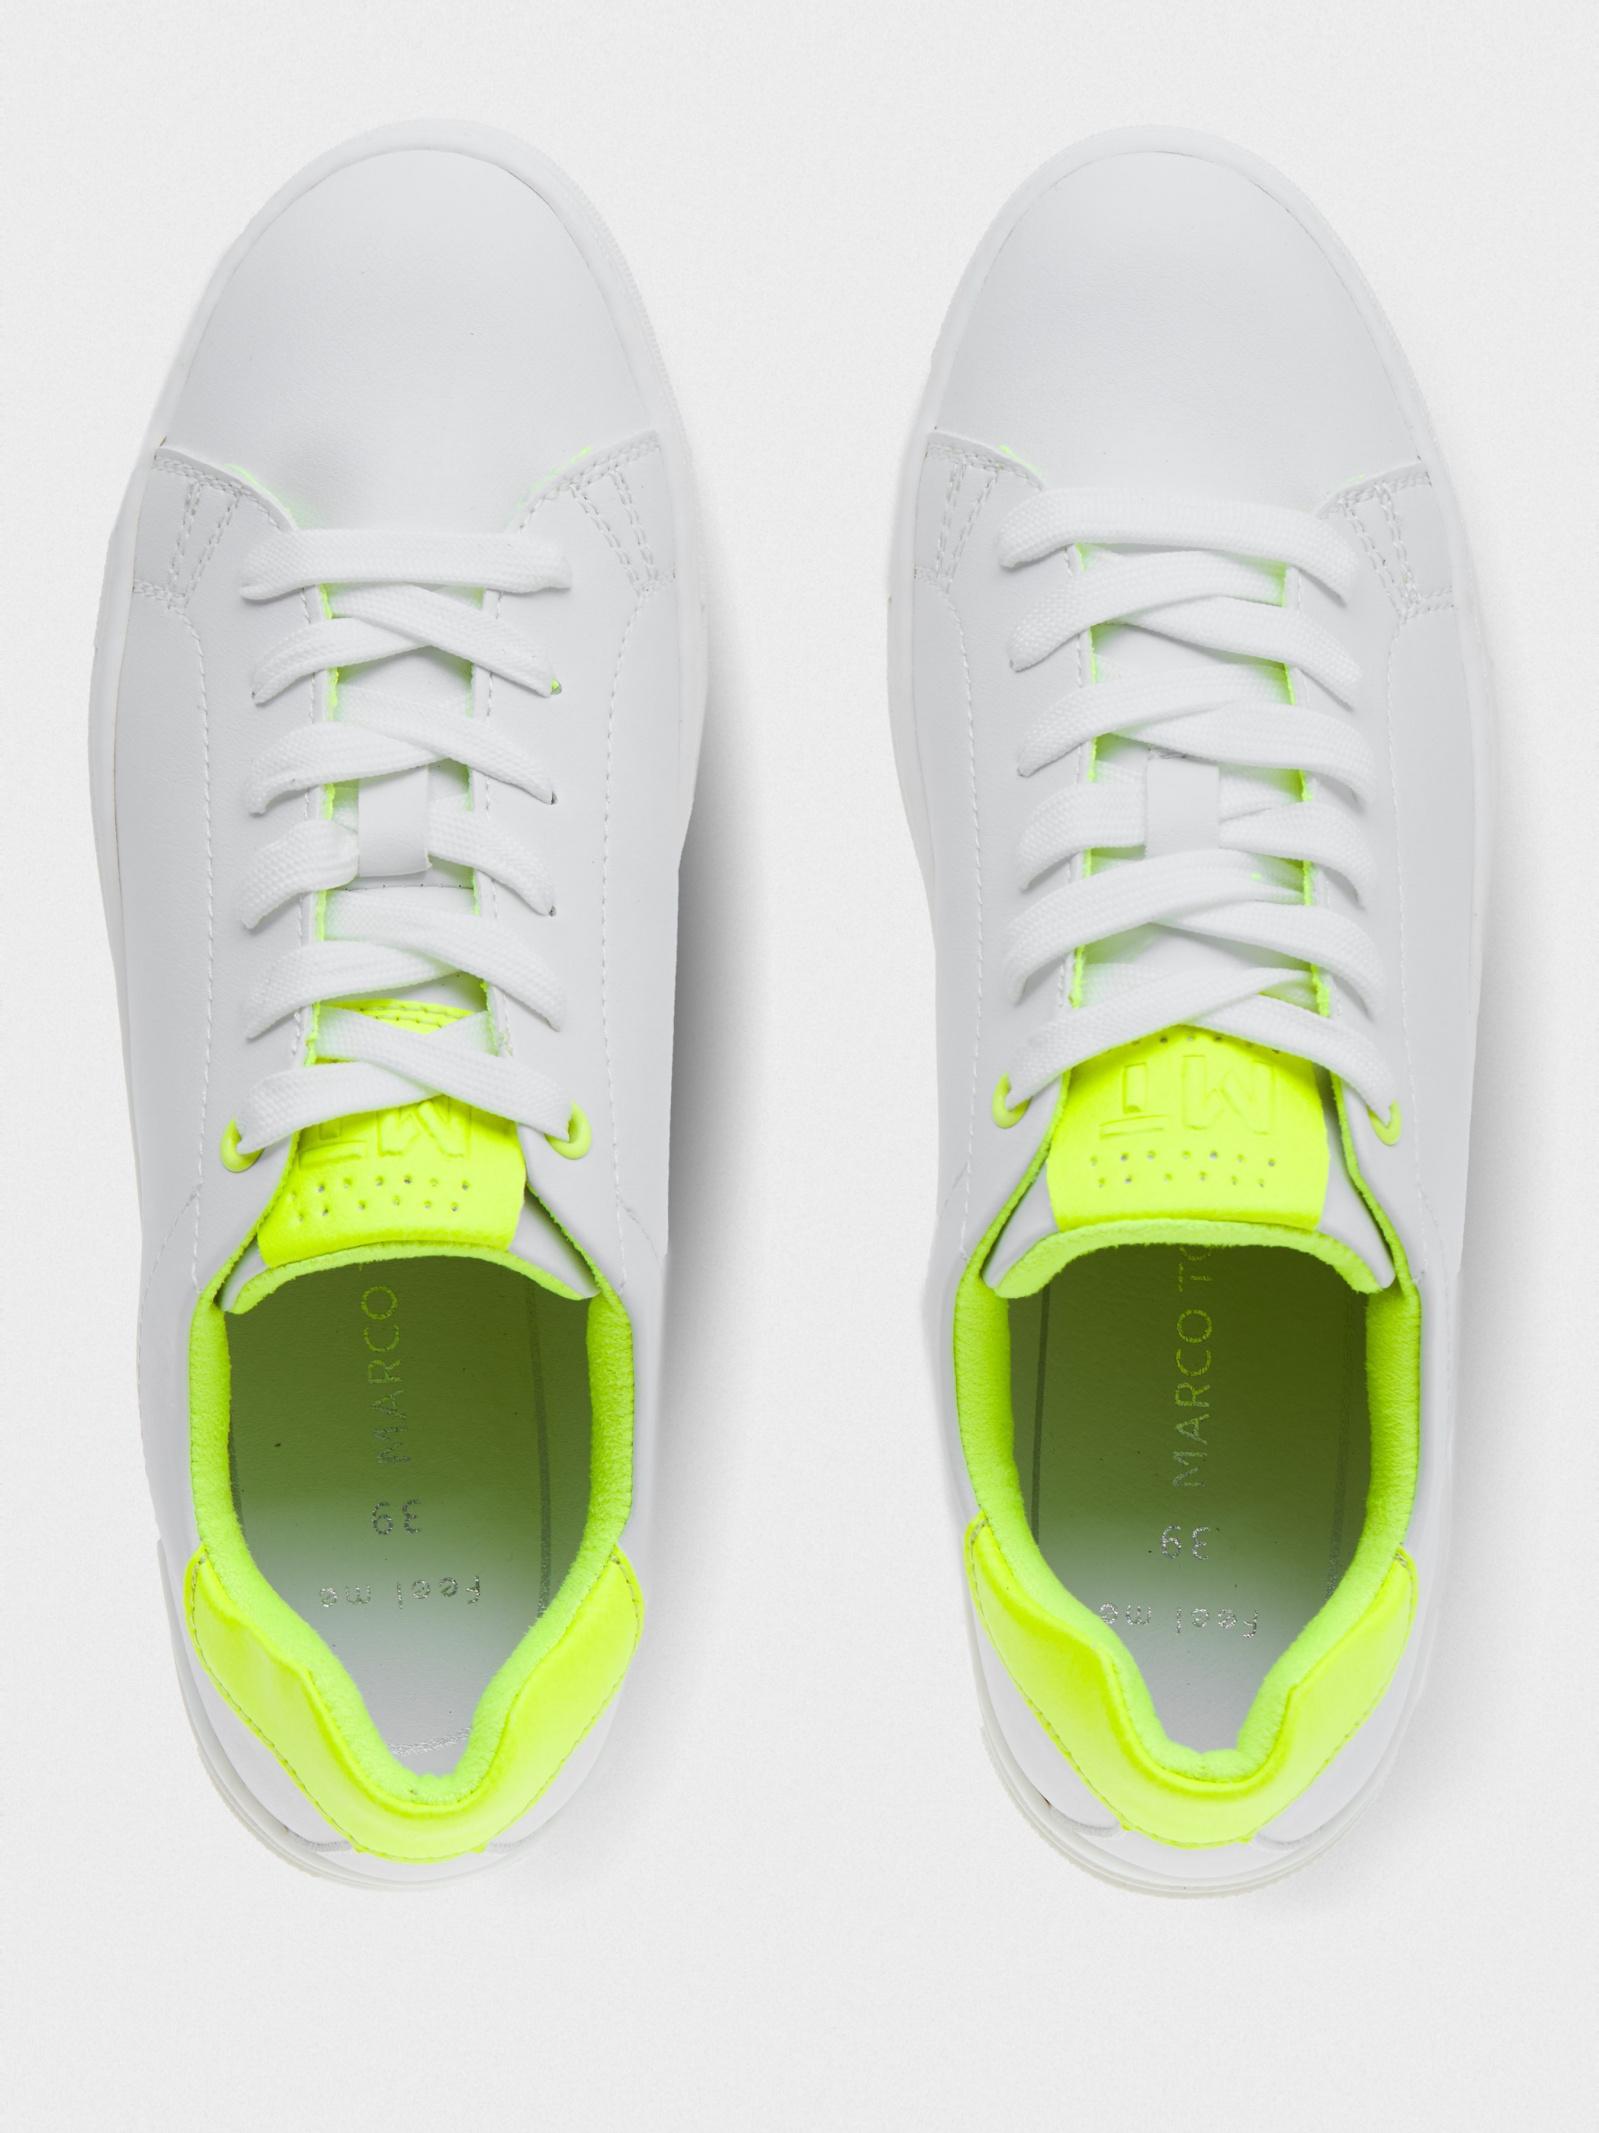 Кеды женские Marco Tozzi 3H351 размерная сетка обуви, 2017